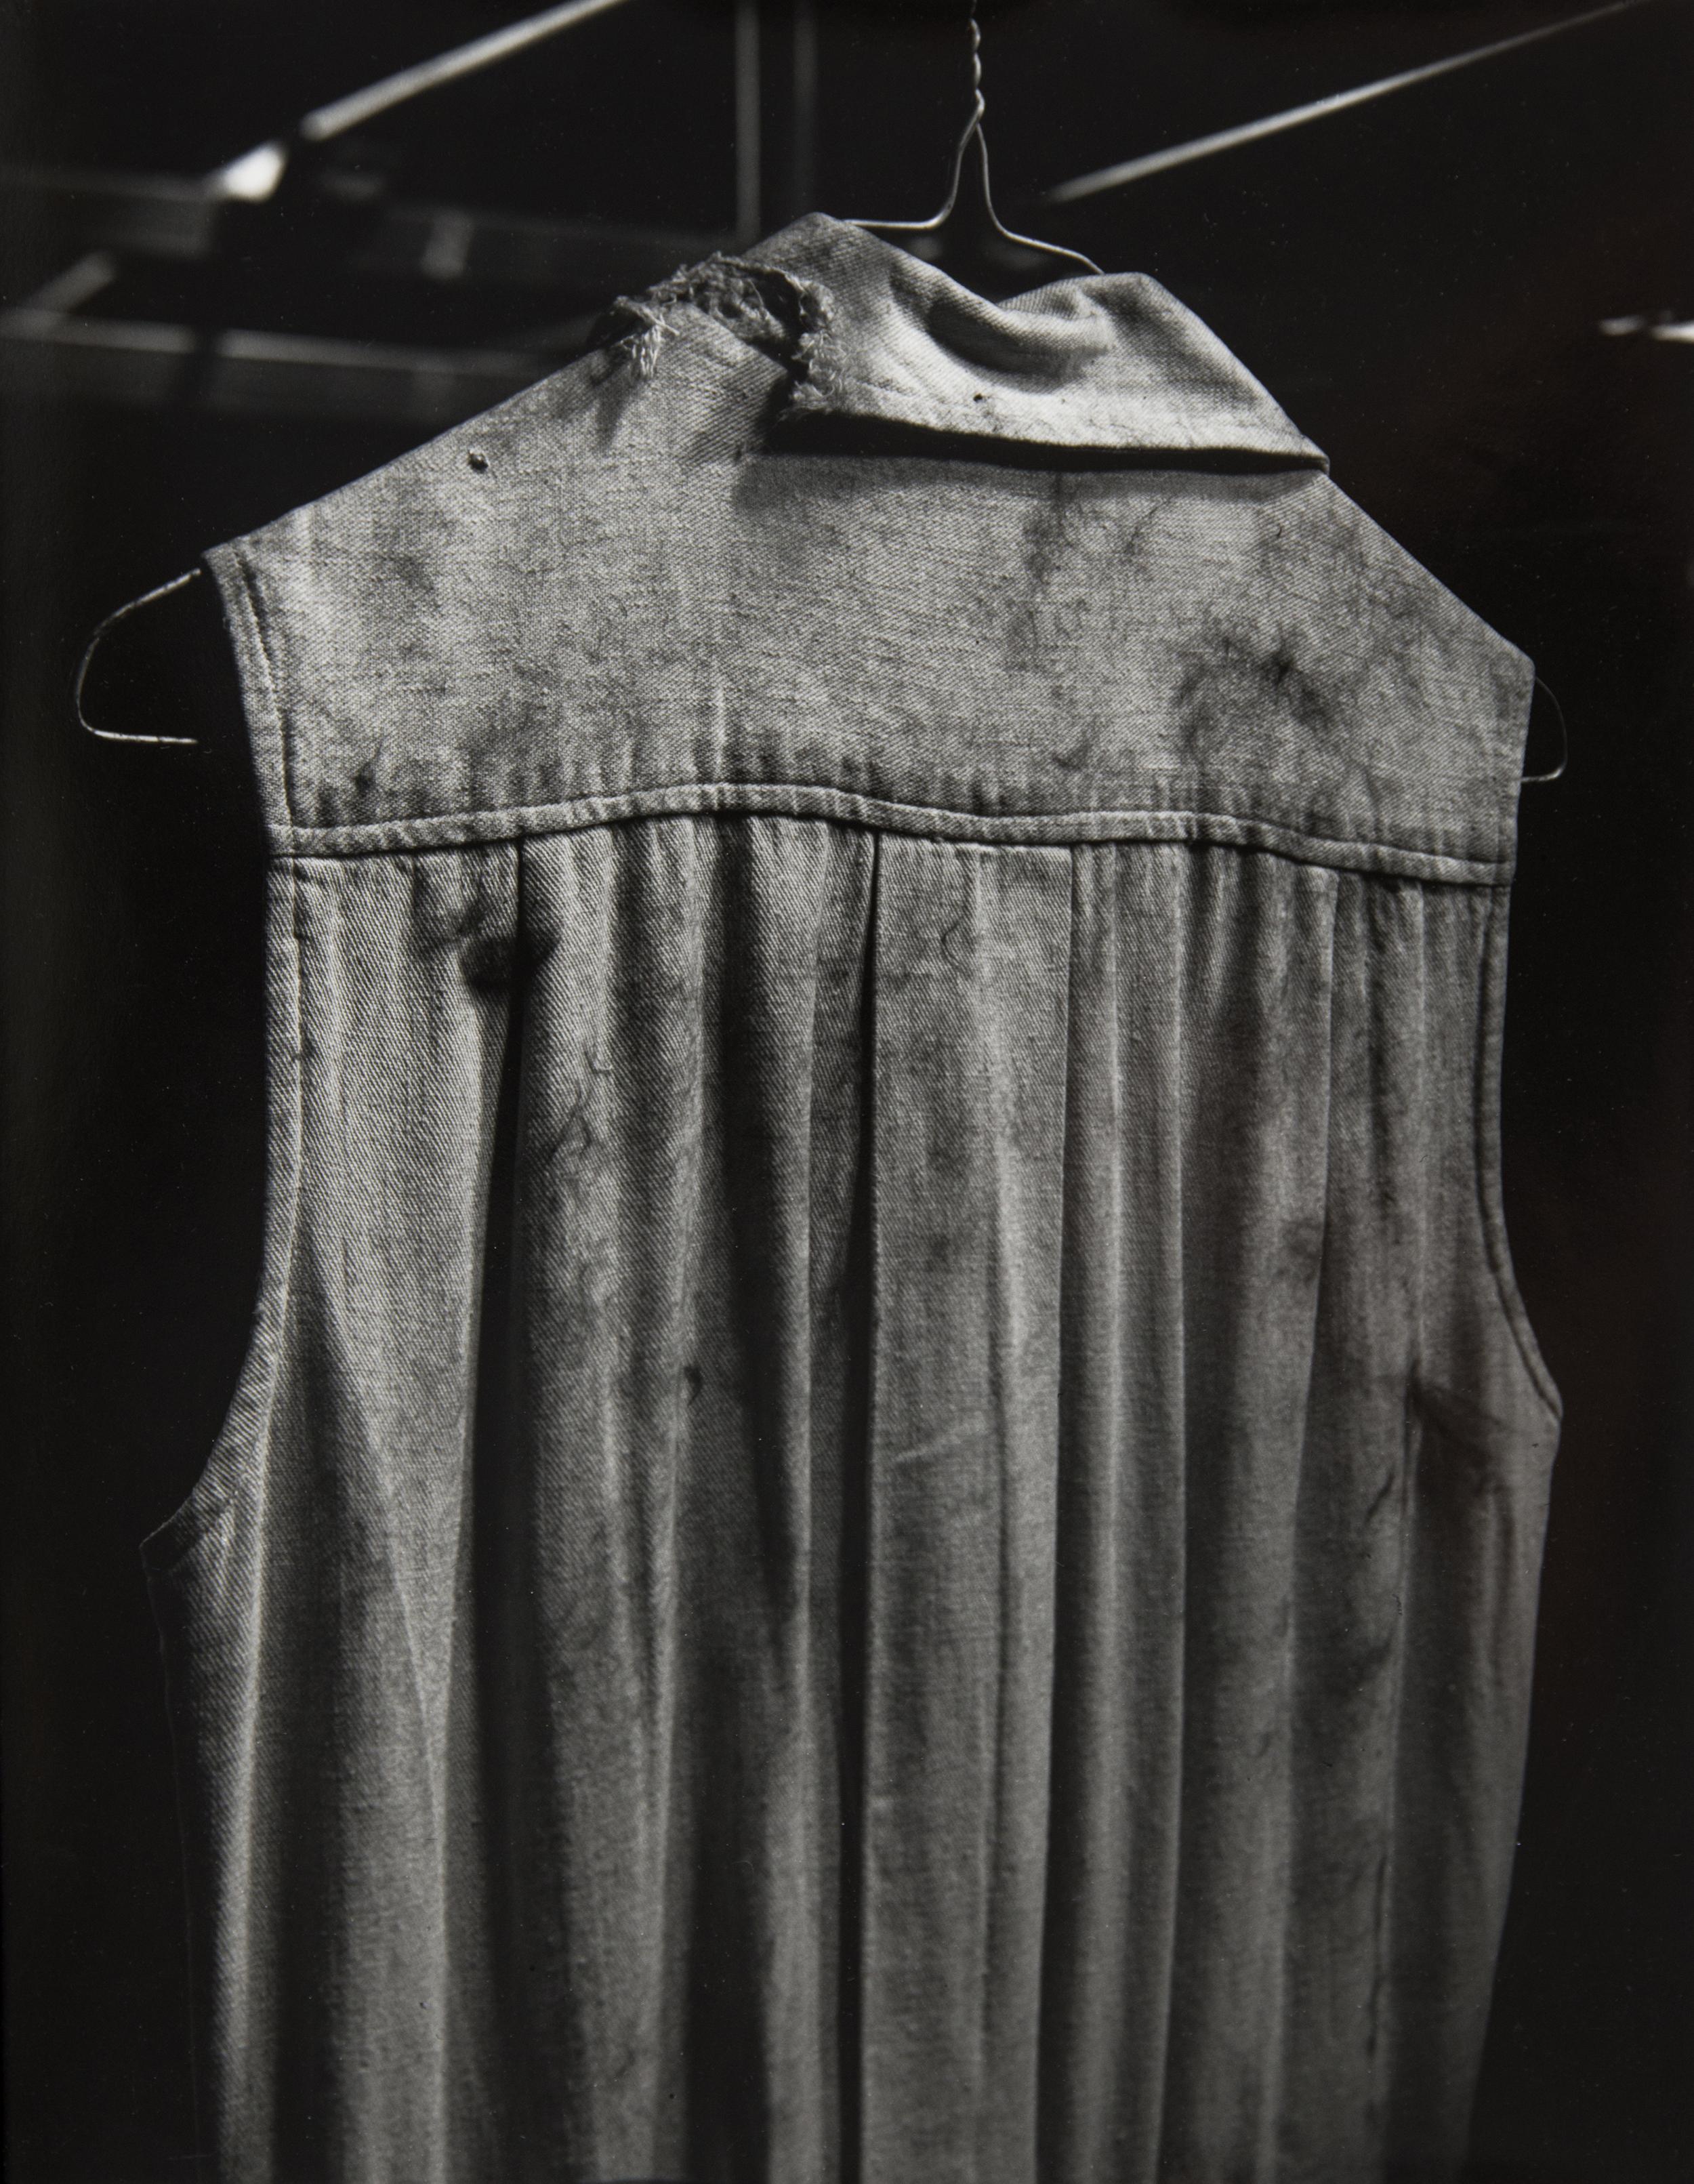 05-Dress.jpg